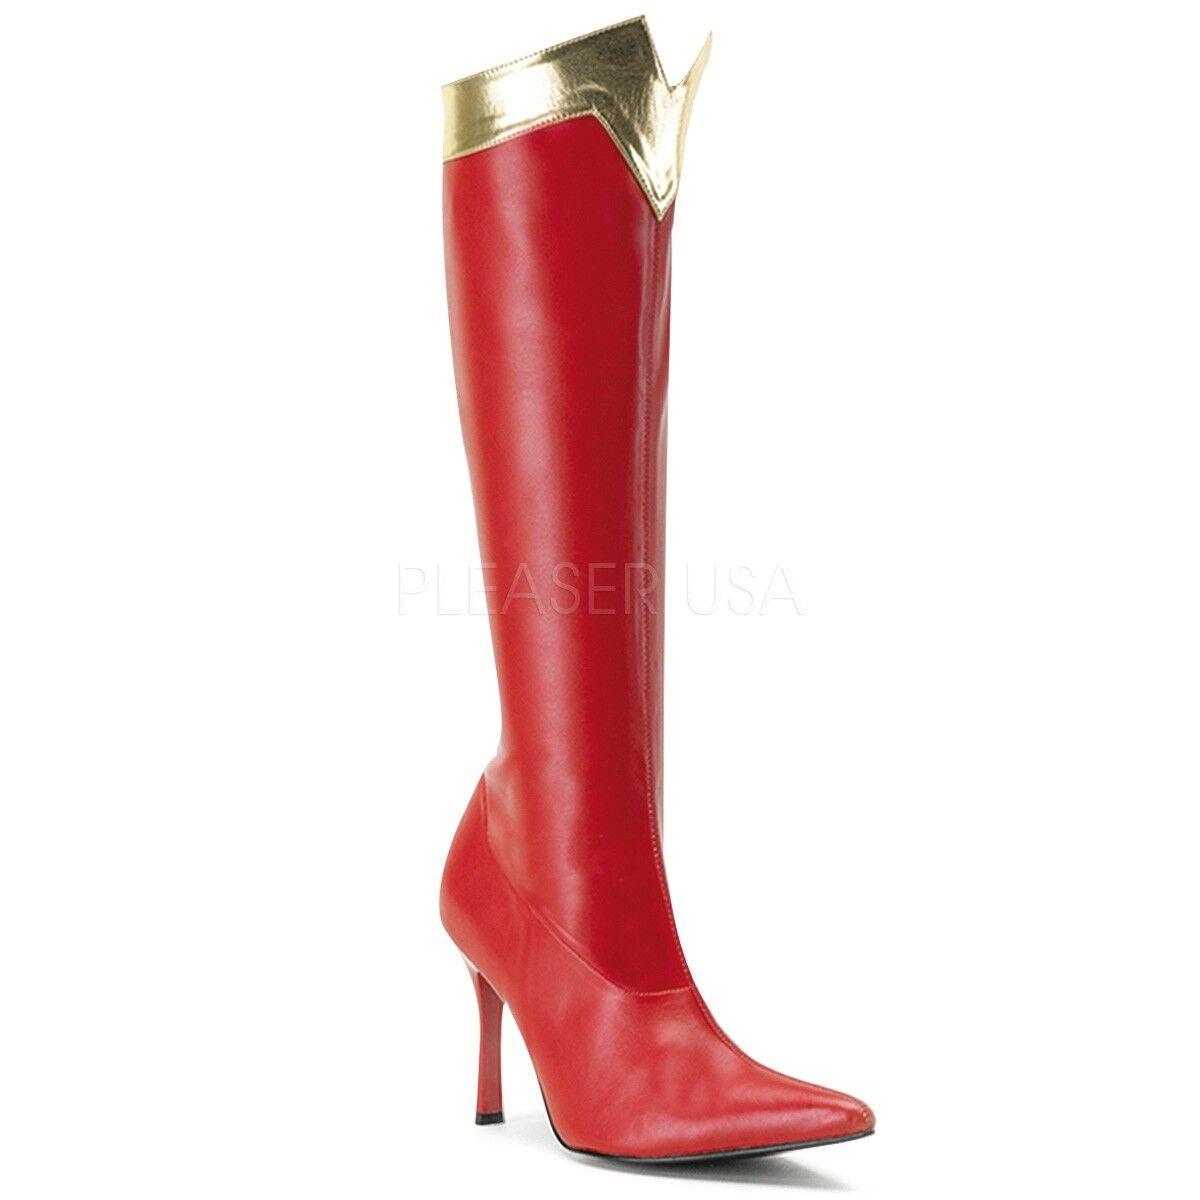 Funtasma Funtasma Funtasma 3.75  del talón rojo oro Wonder Woman Hero botas hasta la rodilla Cosplay 6-12  ofreciendo 100%